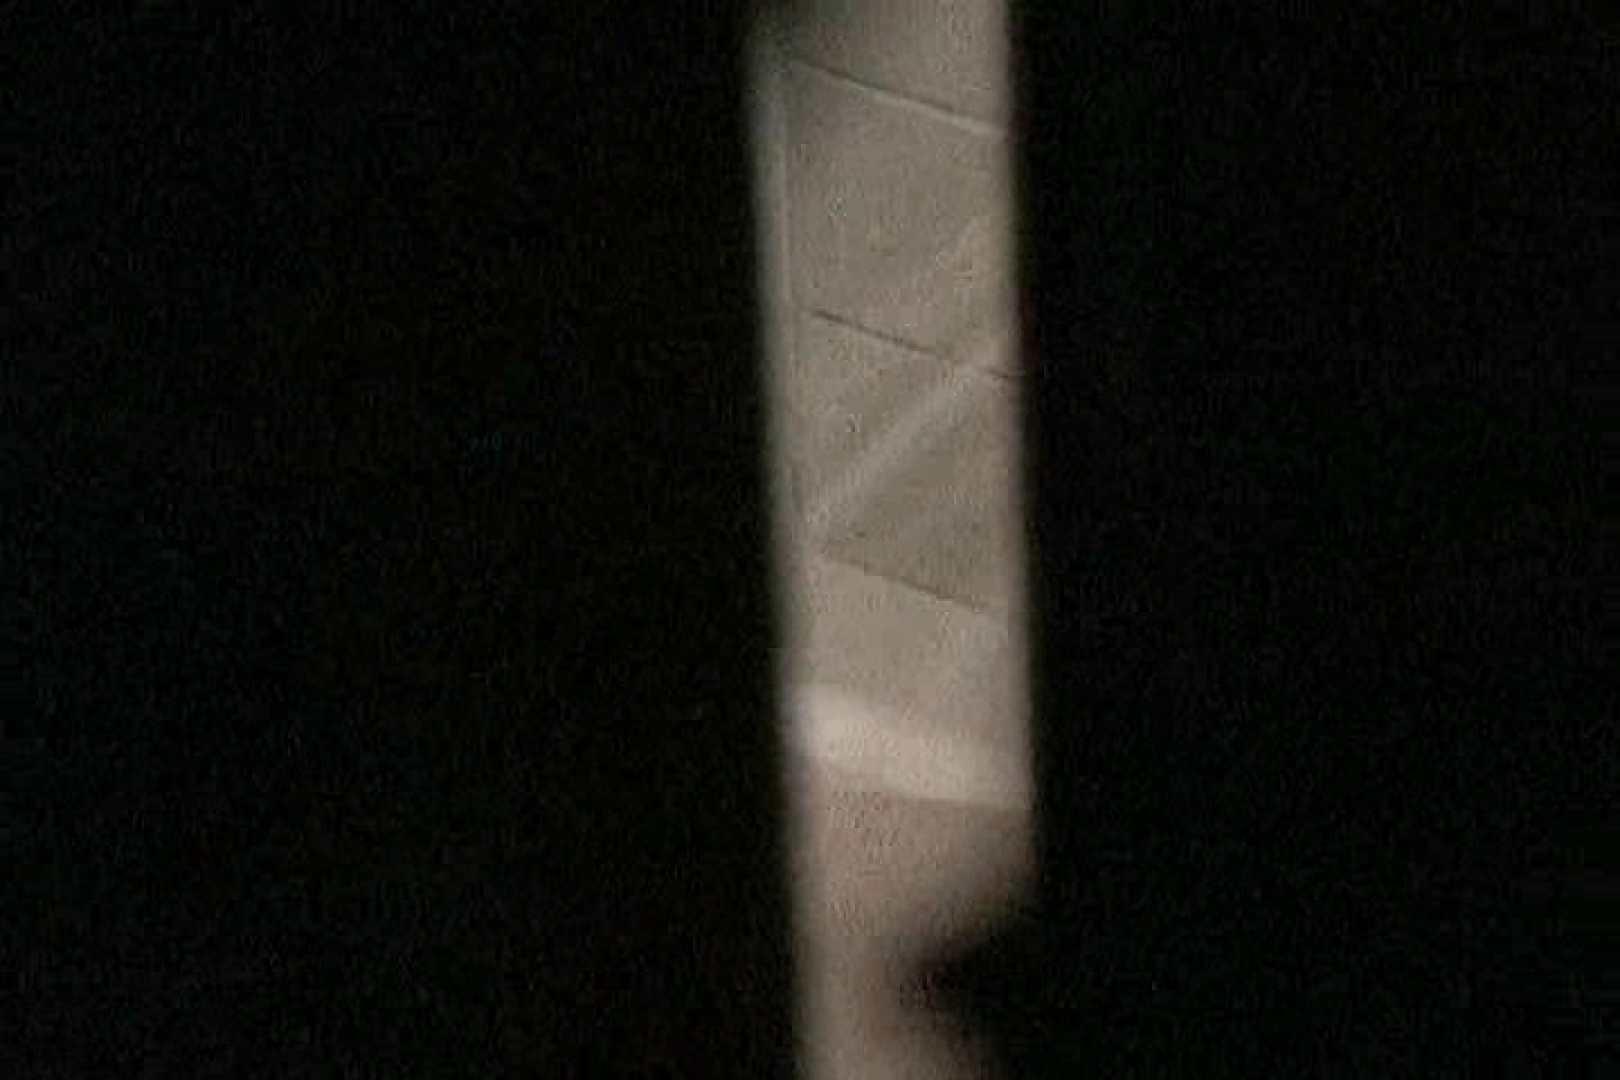 民家の騎士さんの最後の性戦Vol.1 美女OL  84連発 12